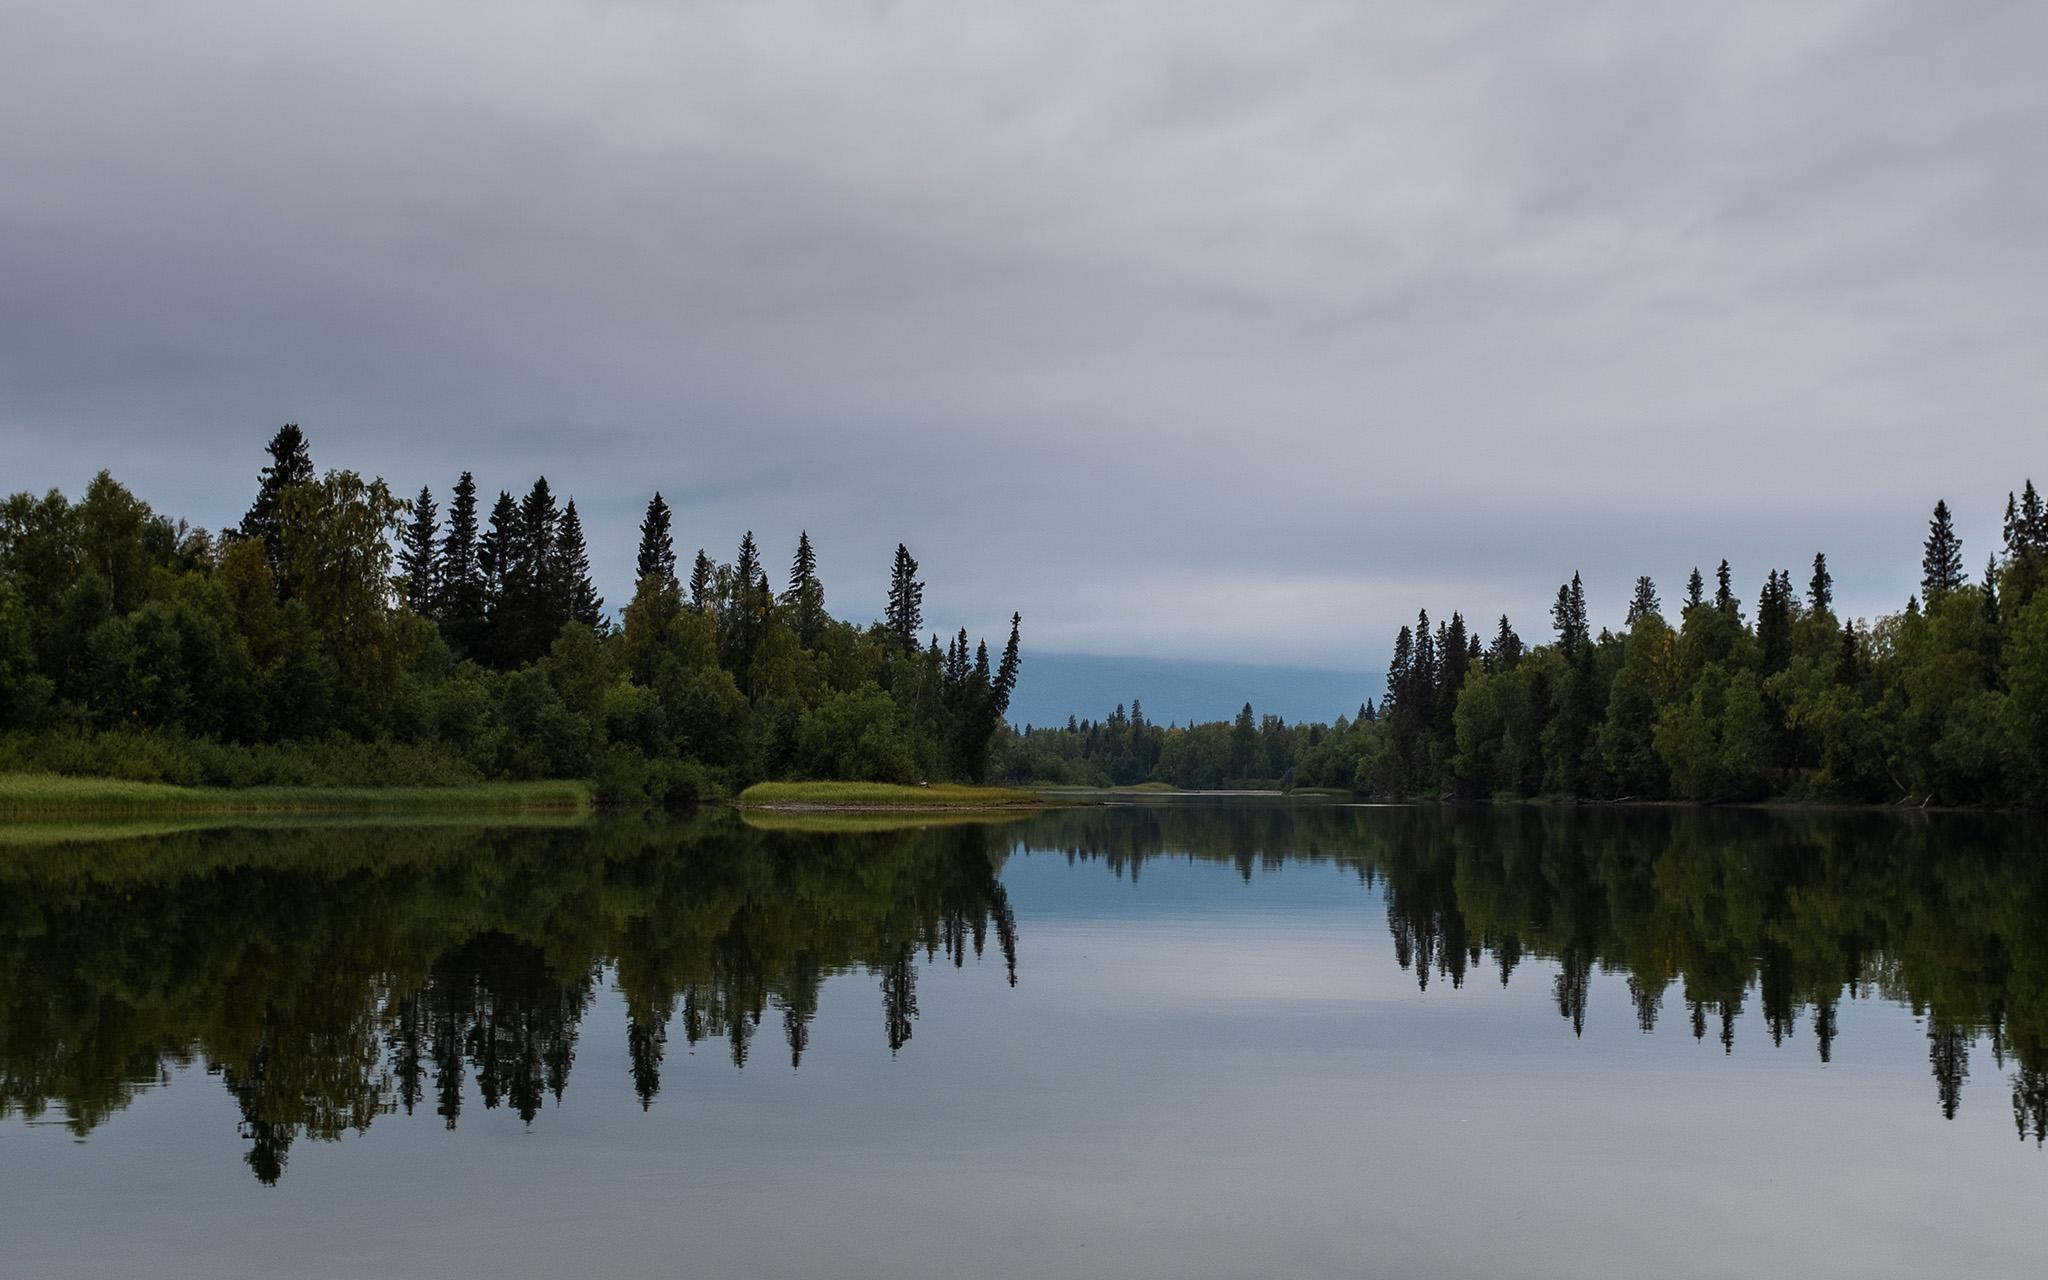 Views taken from the Padjalantaleden in Northern Sweden, Sweden